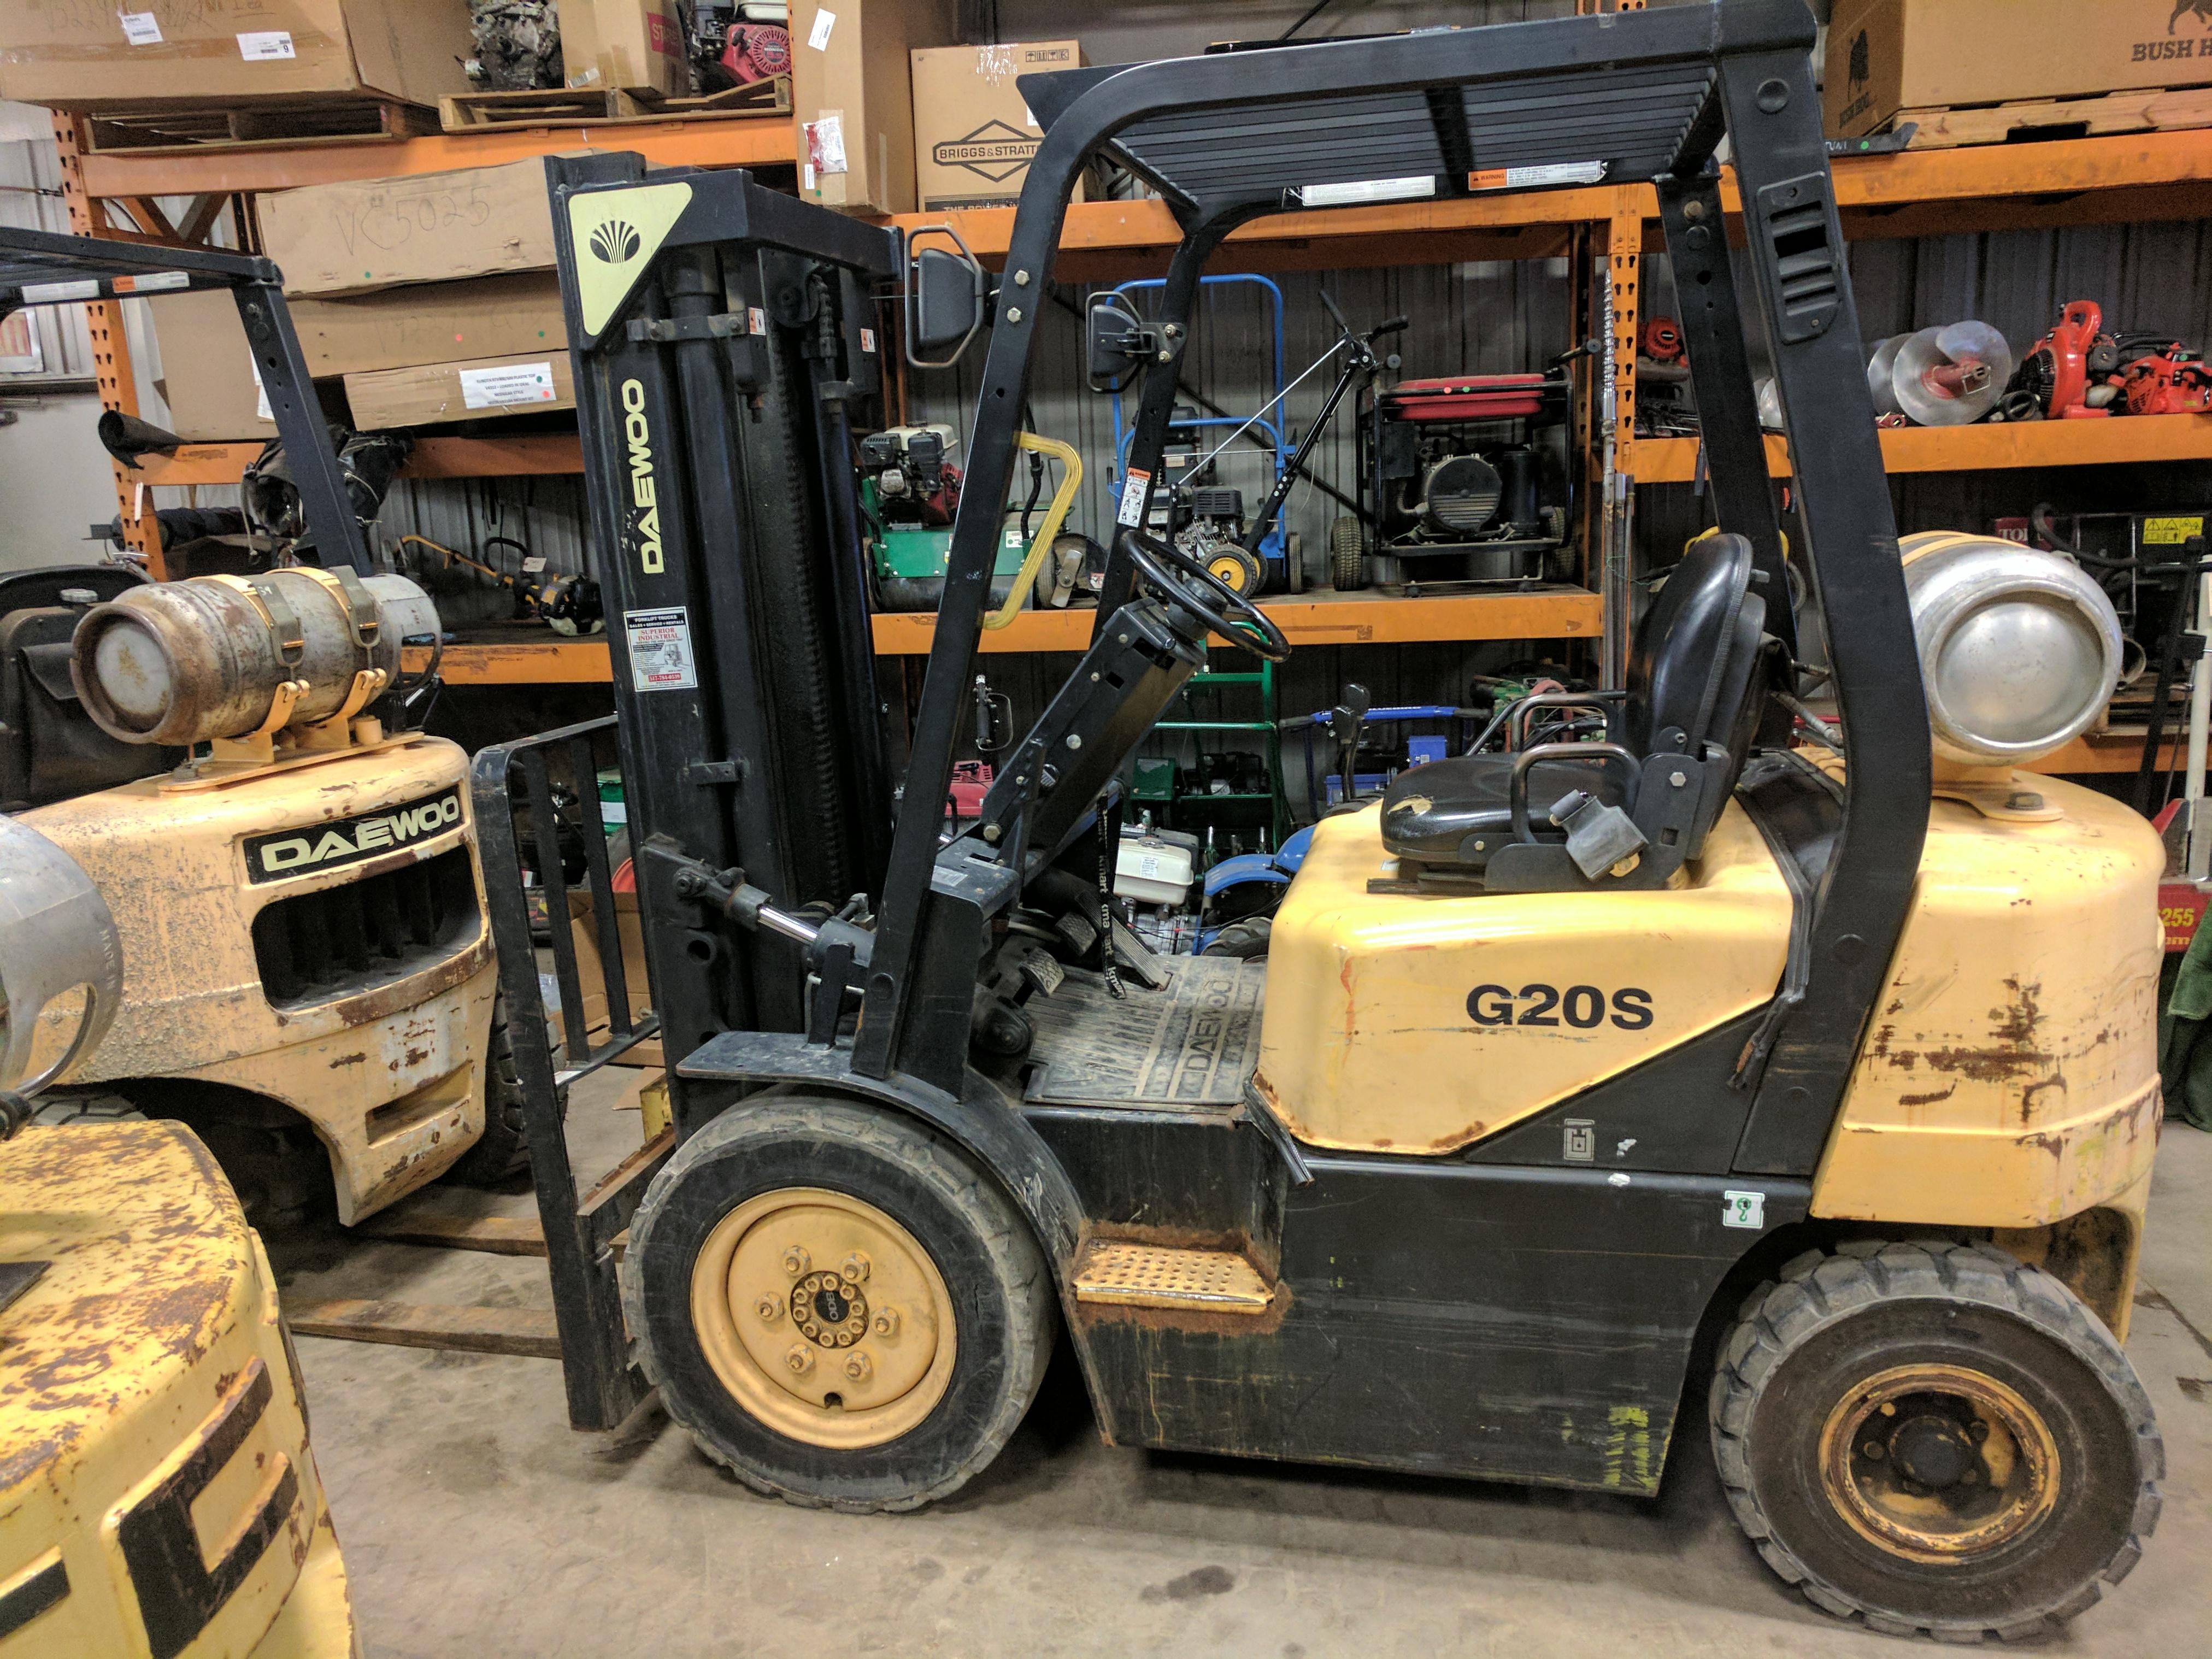 Daewoo G20S Forklift - Capital Equipt Dealer